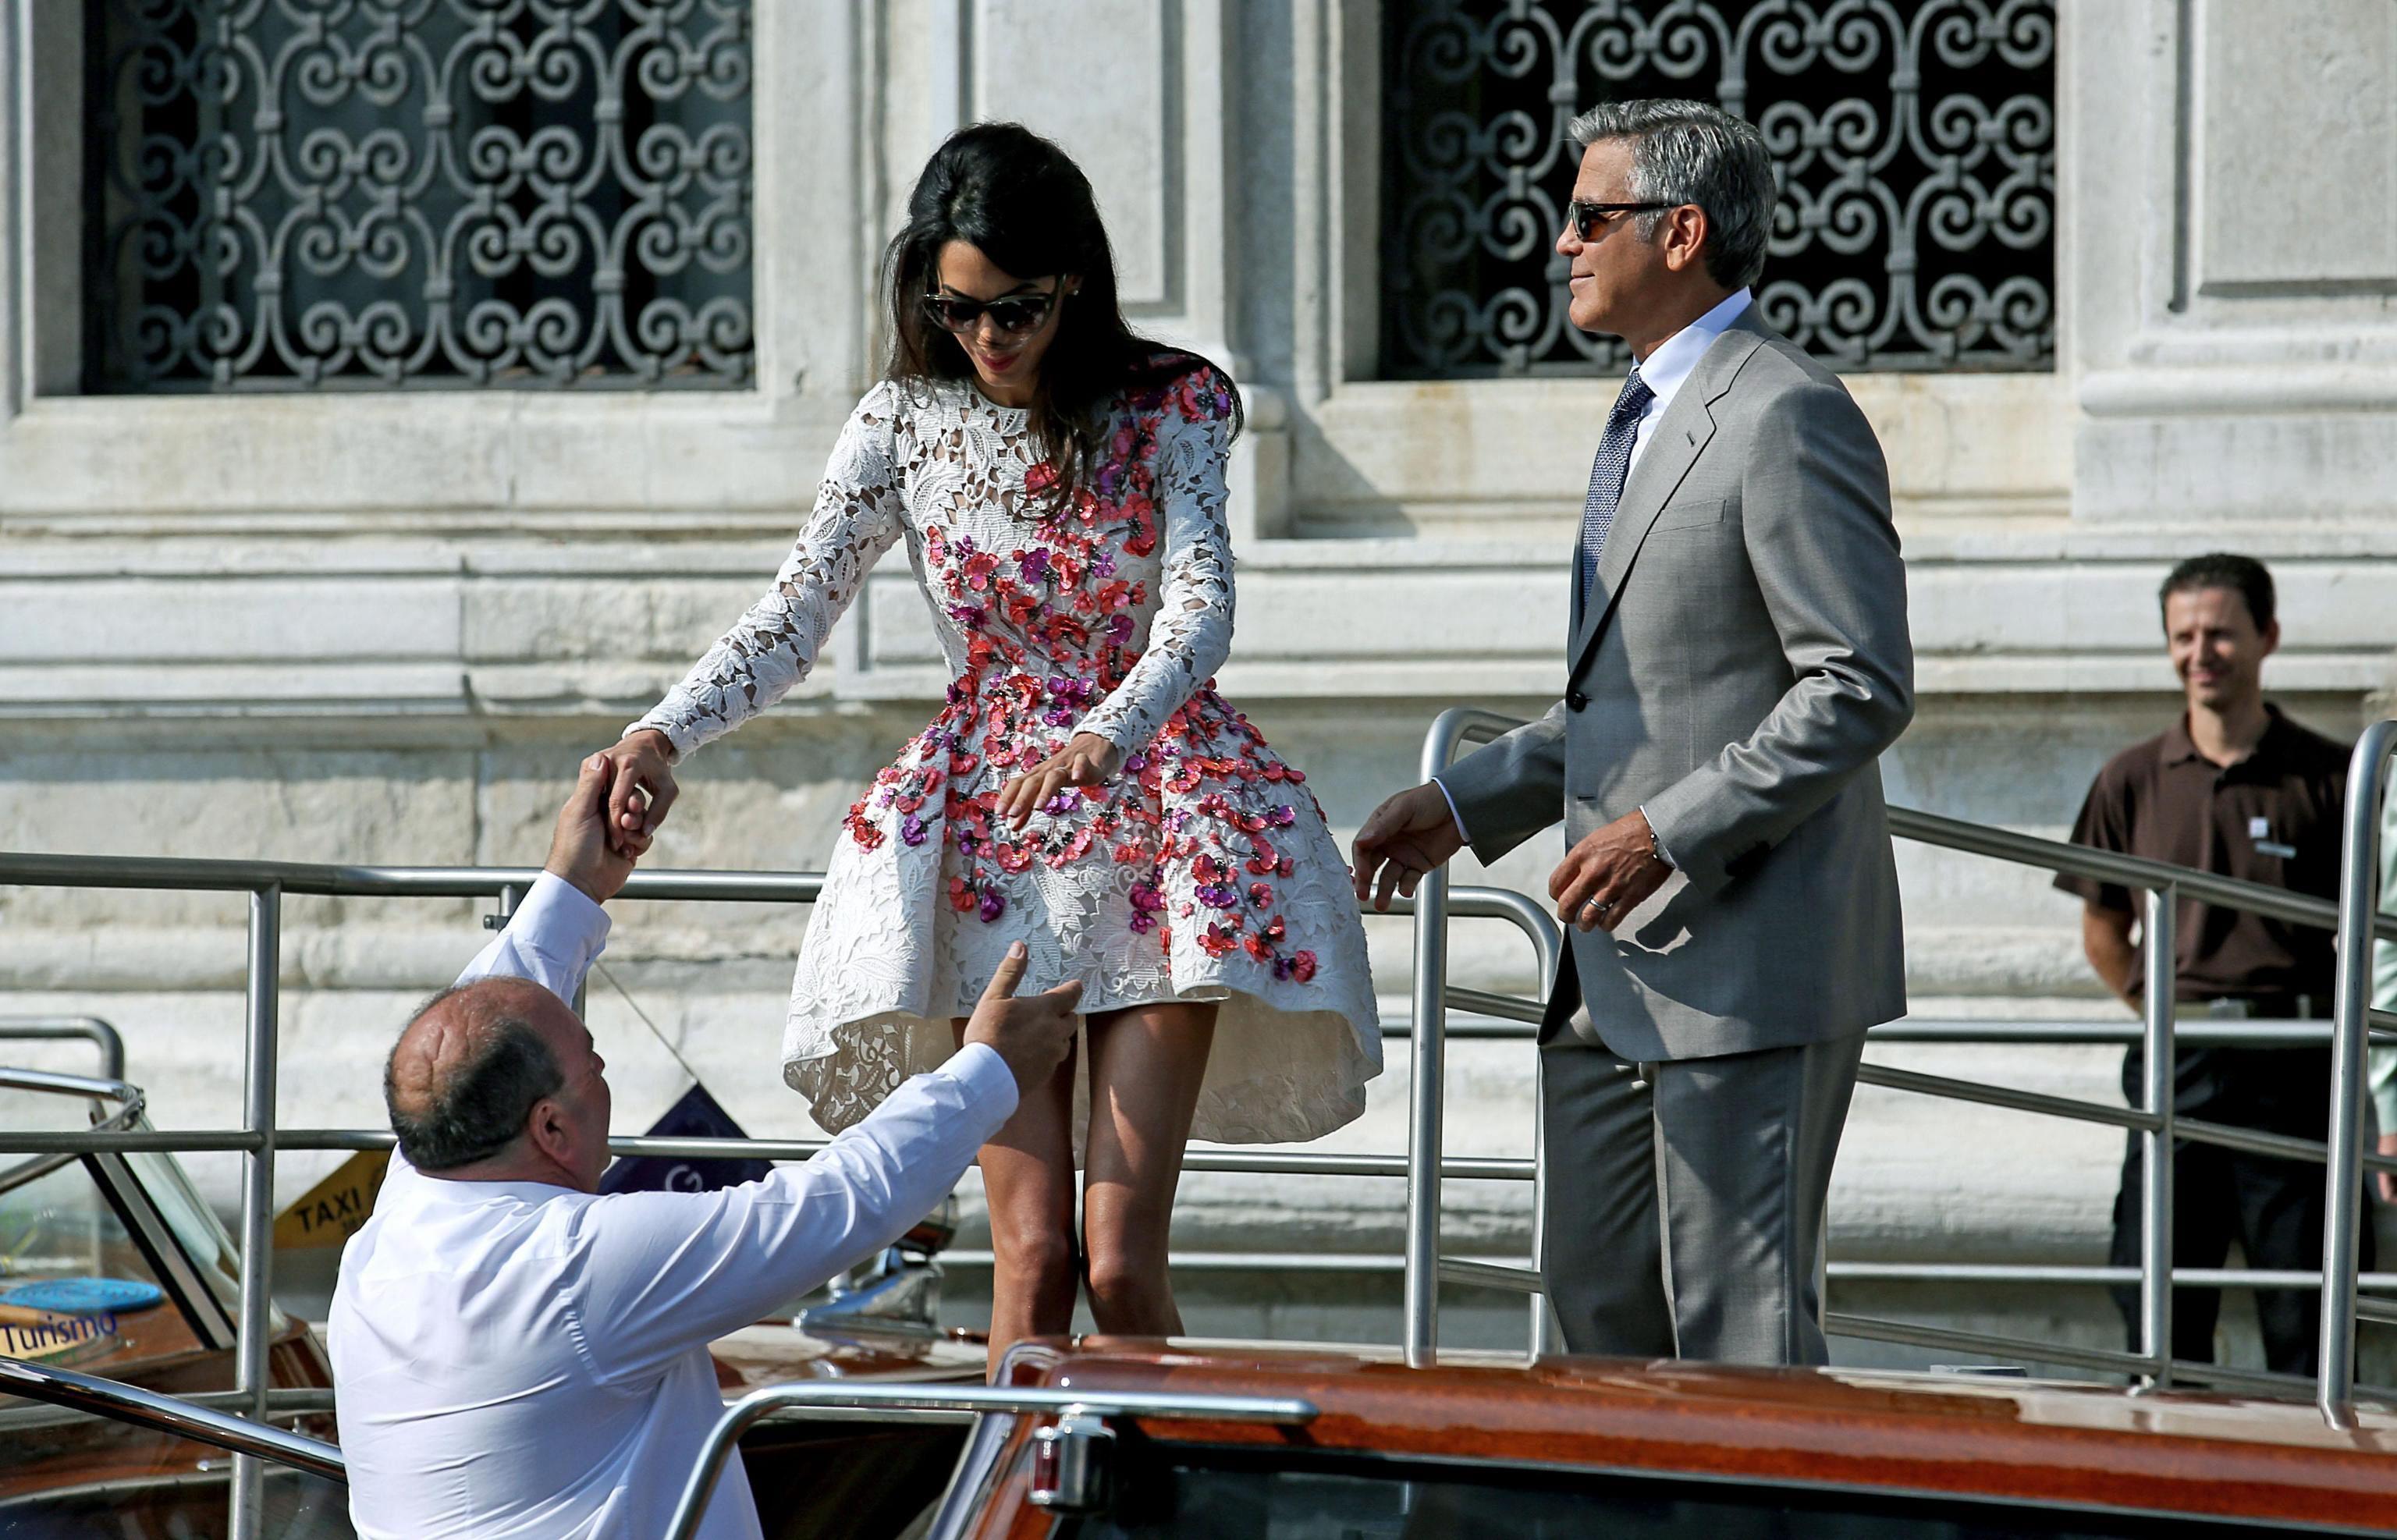 Младоженците Джордж Клуни и Амал Аламудин организираха пищна сватба в присъствието на звездни гости. В петък (26 септември) те пристигнаха във Венеция, в събота и неделя (27 и 28 септември) имаше празненства, а в понеделник (29 септември) подписаха официално и вече са венчани